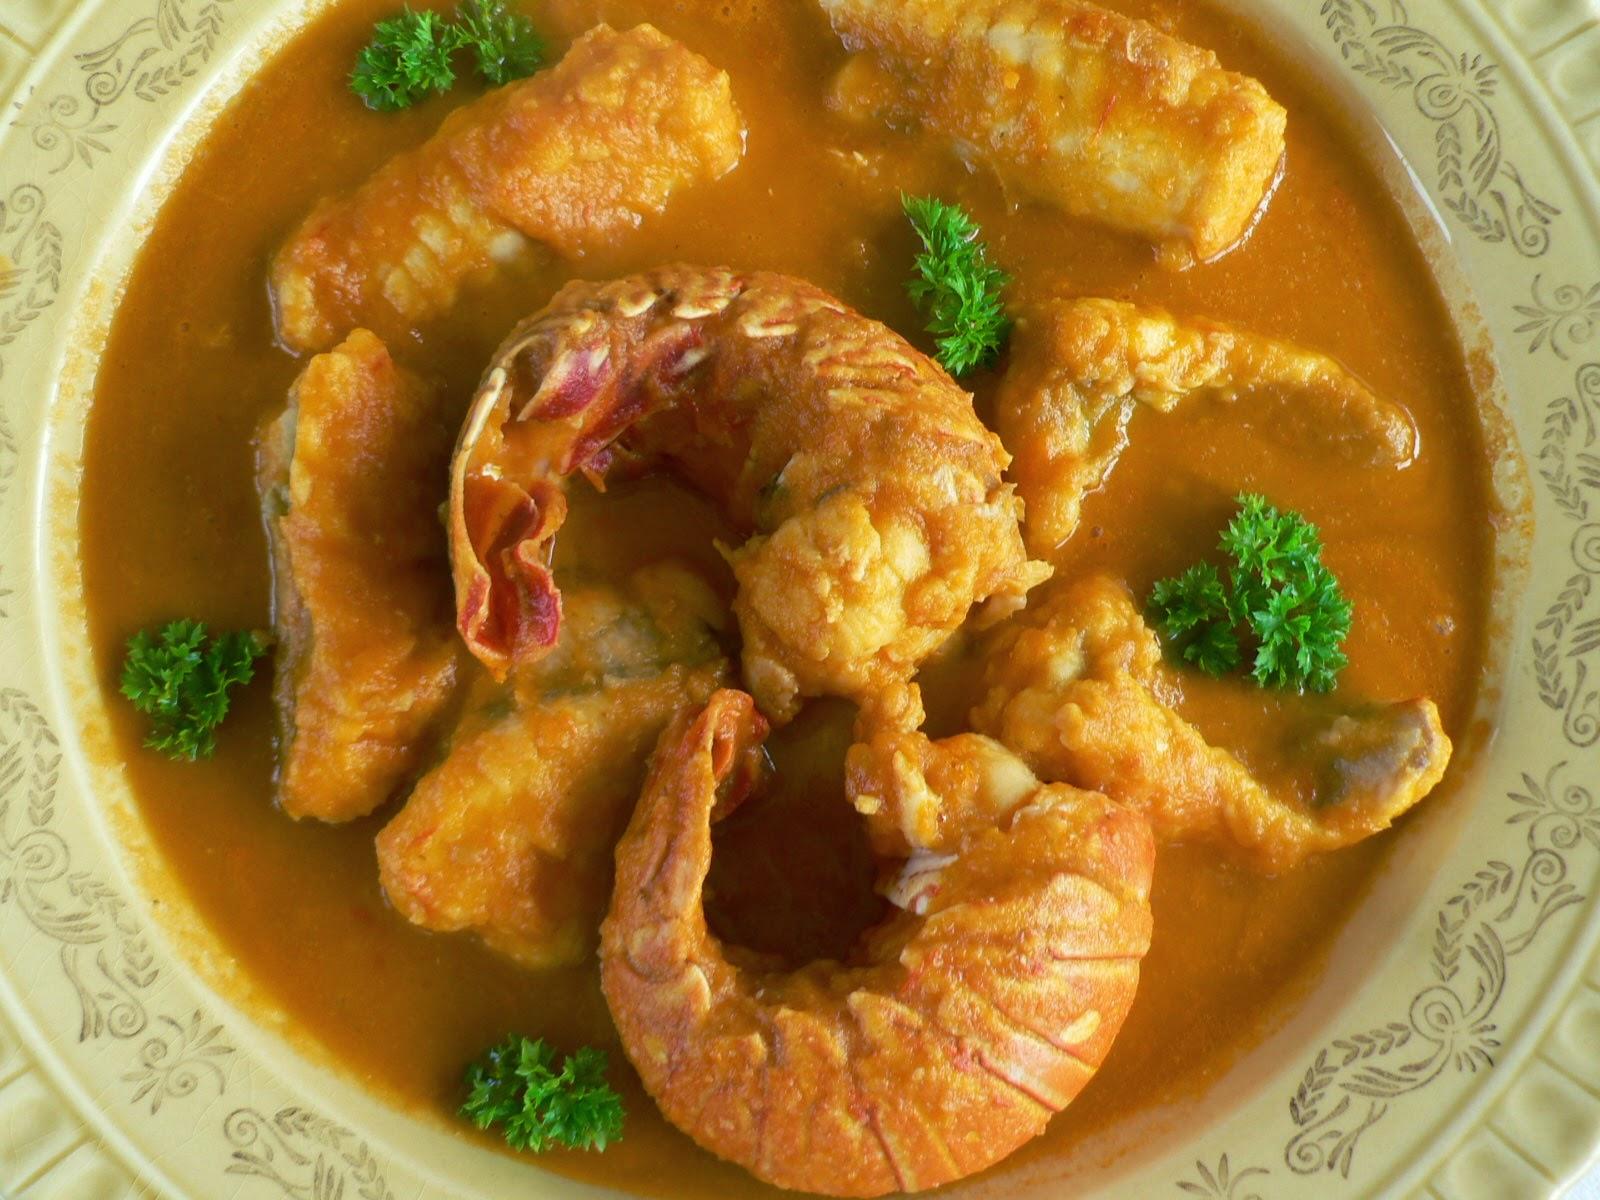 Une parisienne cuisine lotte et ou langouste et ou homard - Lotte a l armoricaine recette cuisine ...